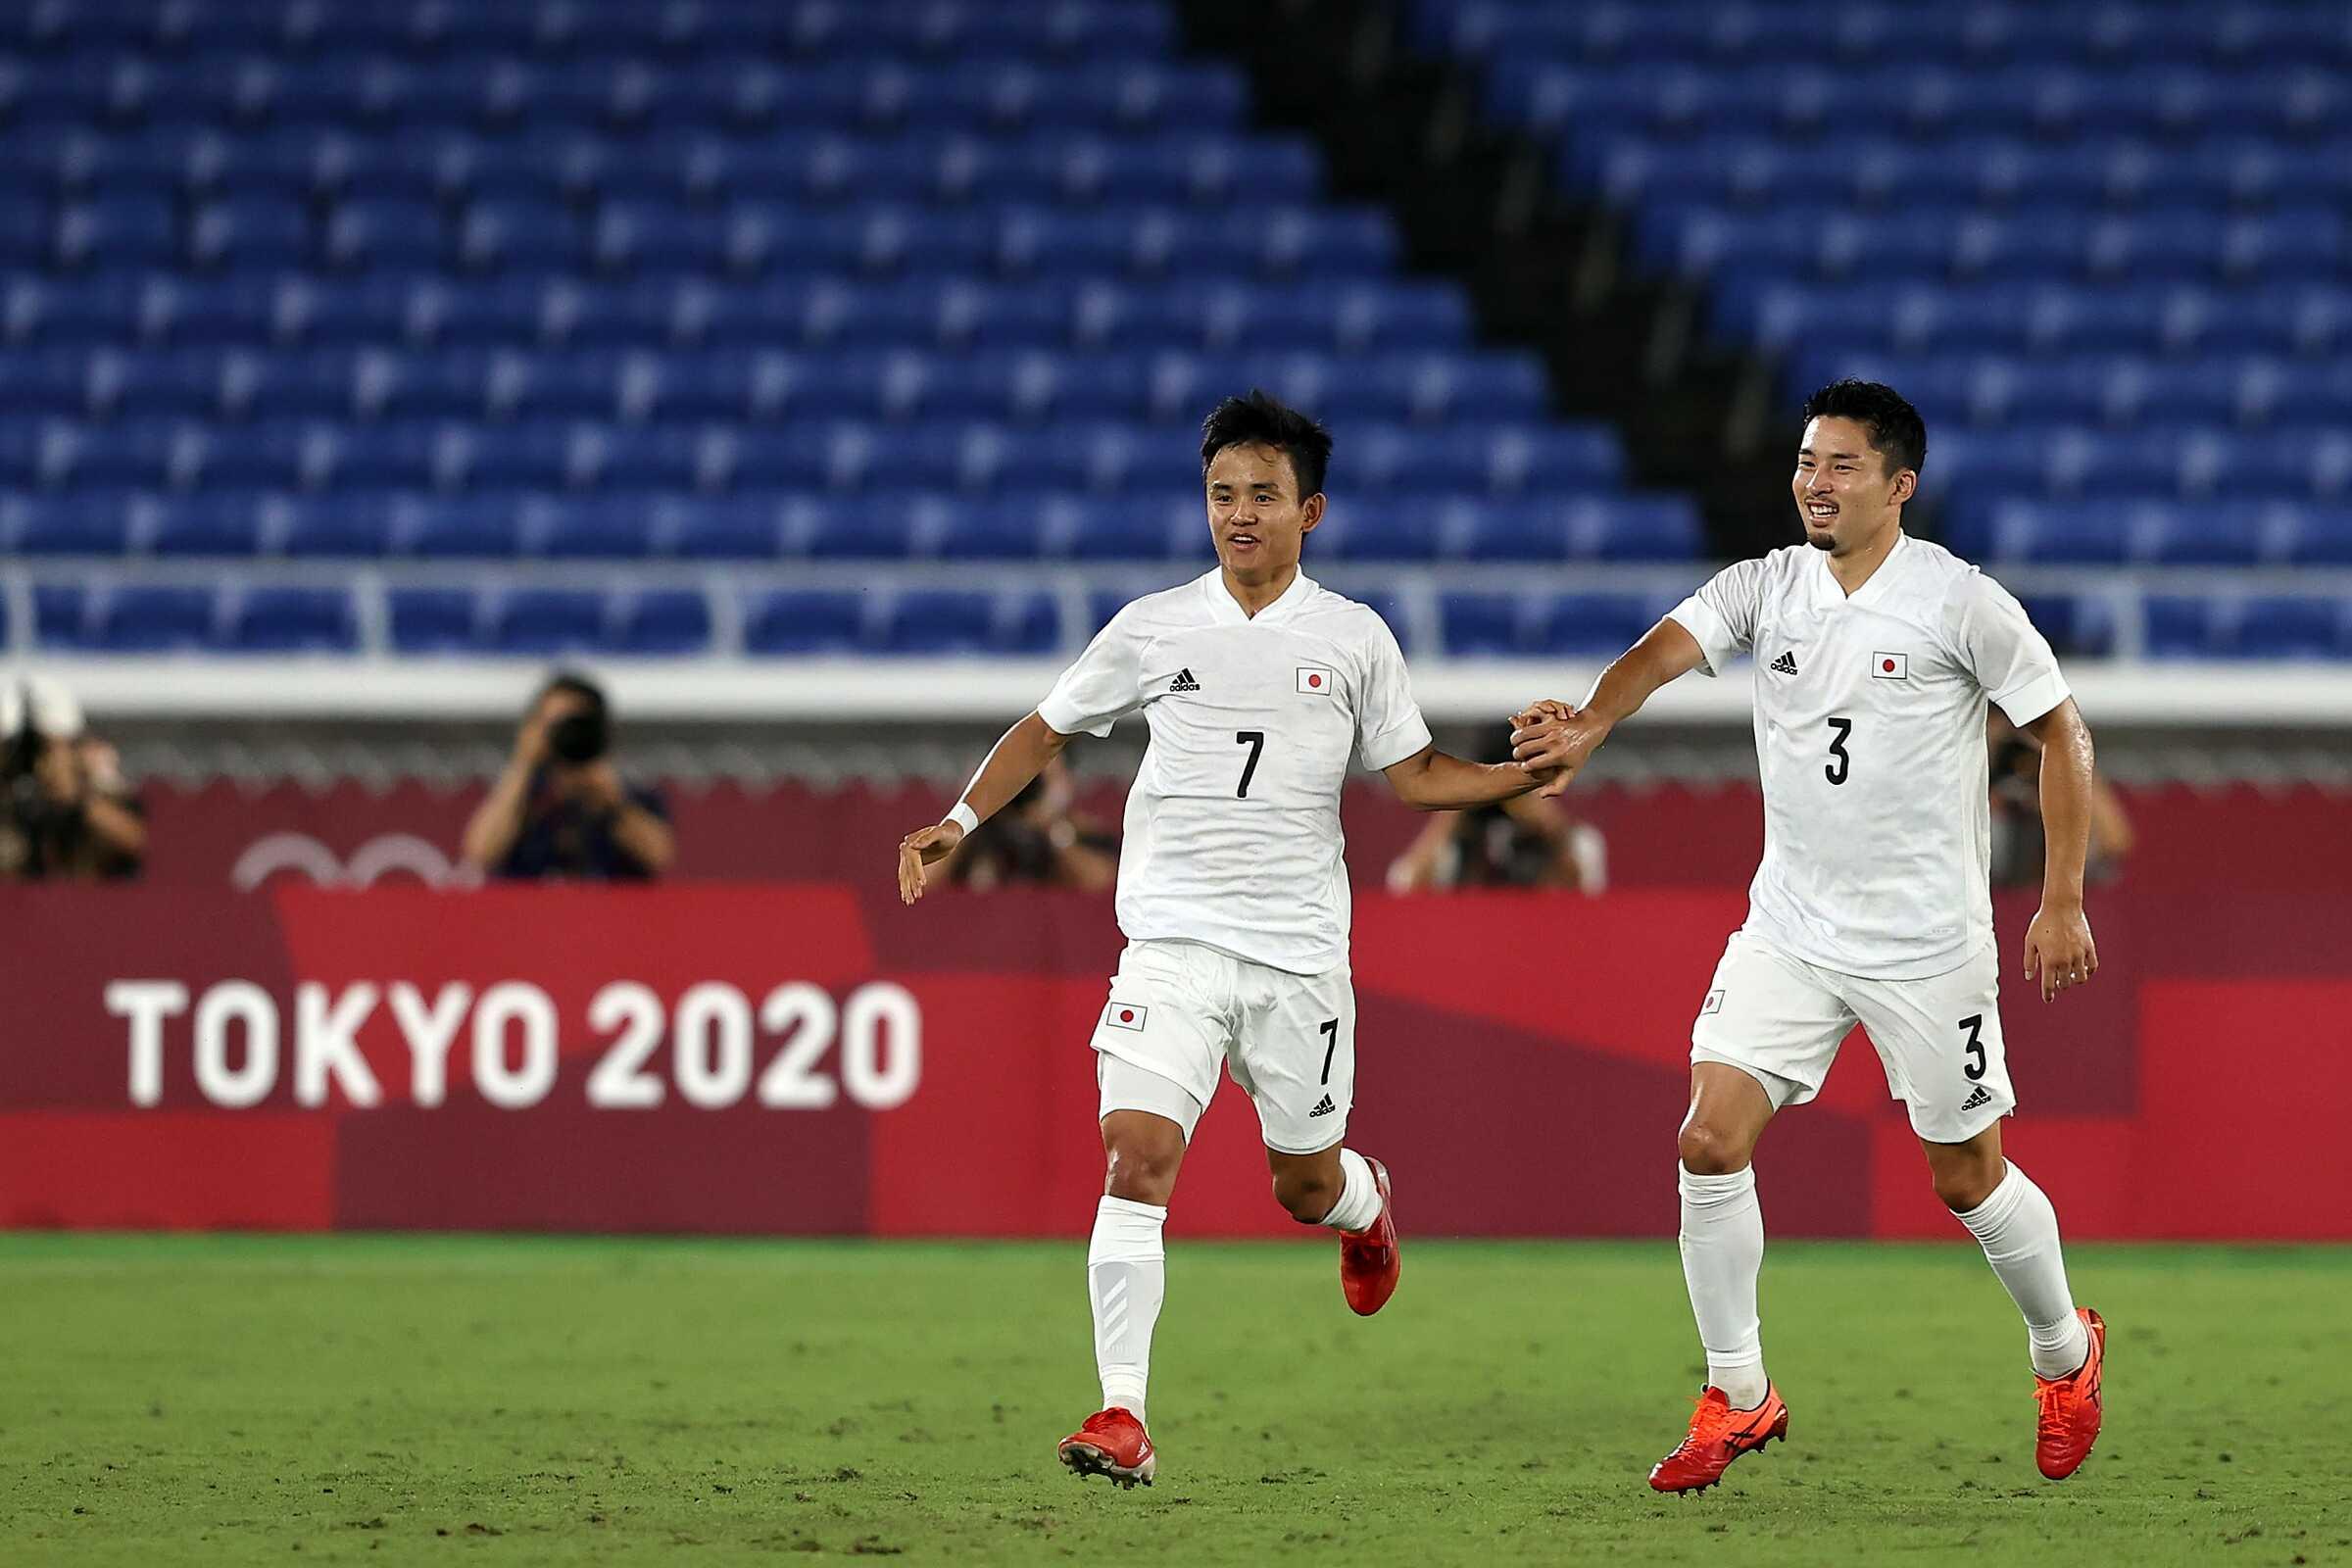 Kubo เป็นดาราฟุตบอลที่ฉลาดที่สุดในกีฬาโอลิมปิกปี 2020 ภาพ: IOC